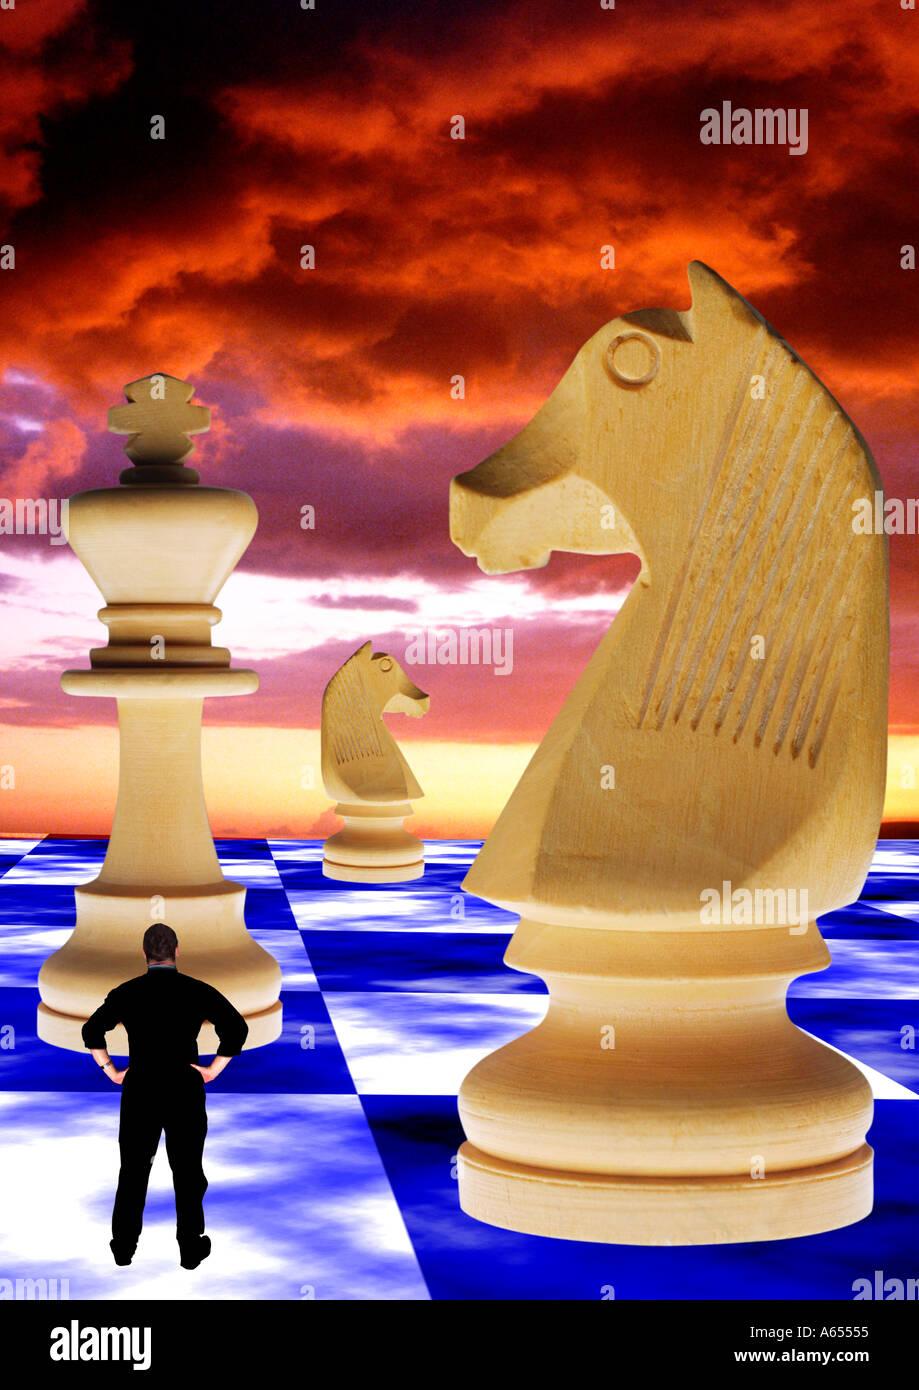 Jeu d'échecs géant concept abstrait effets spéciaux Photo Stock